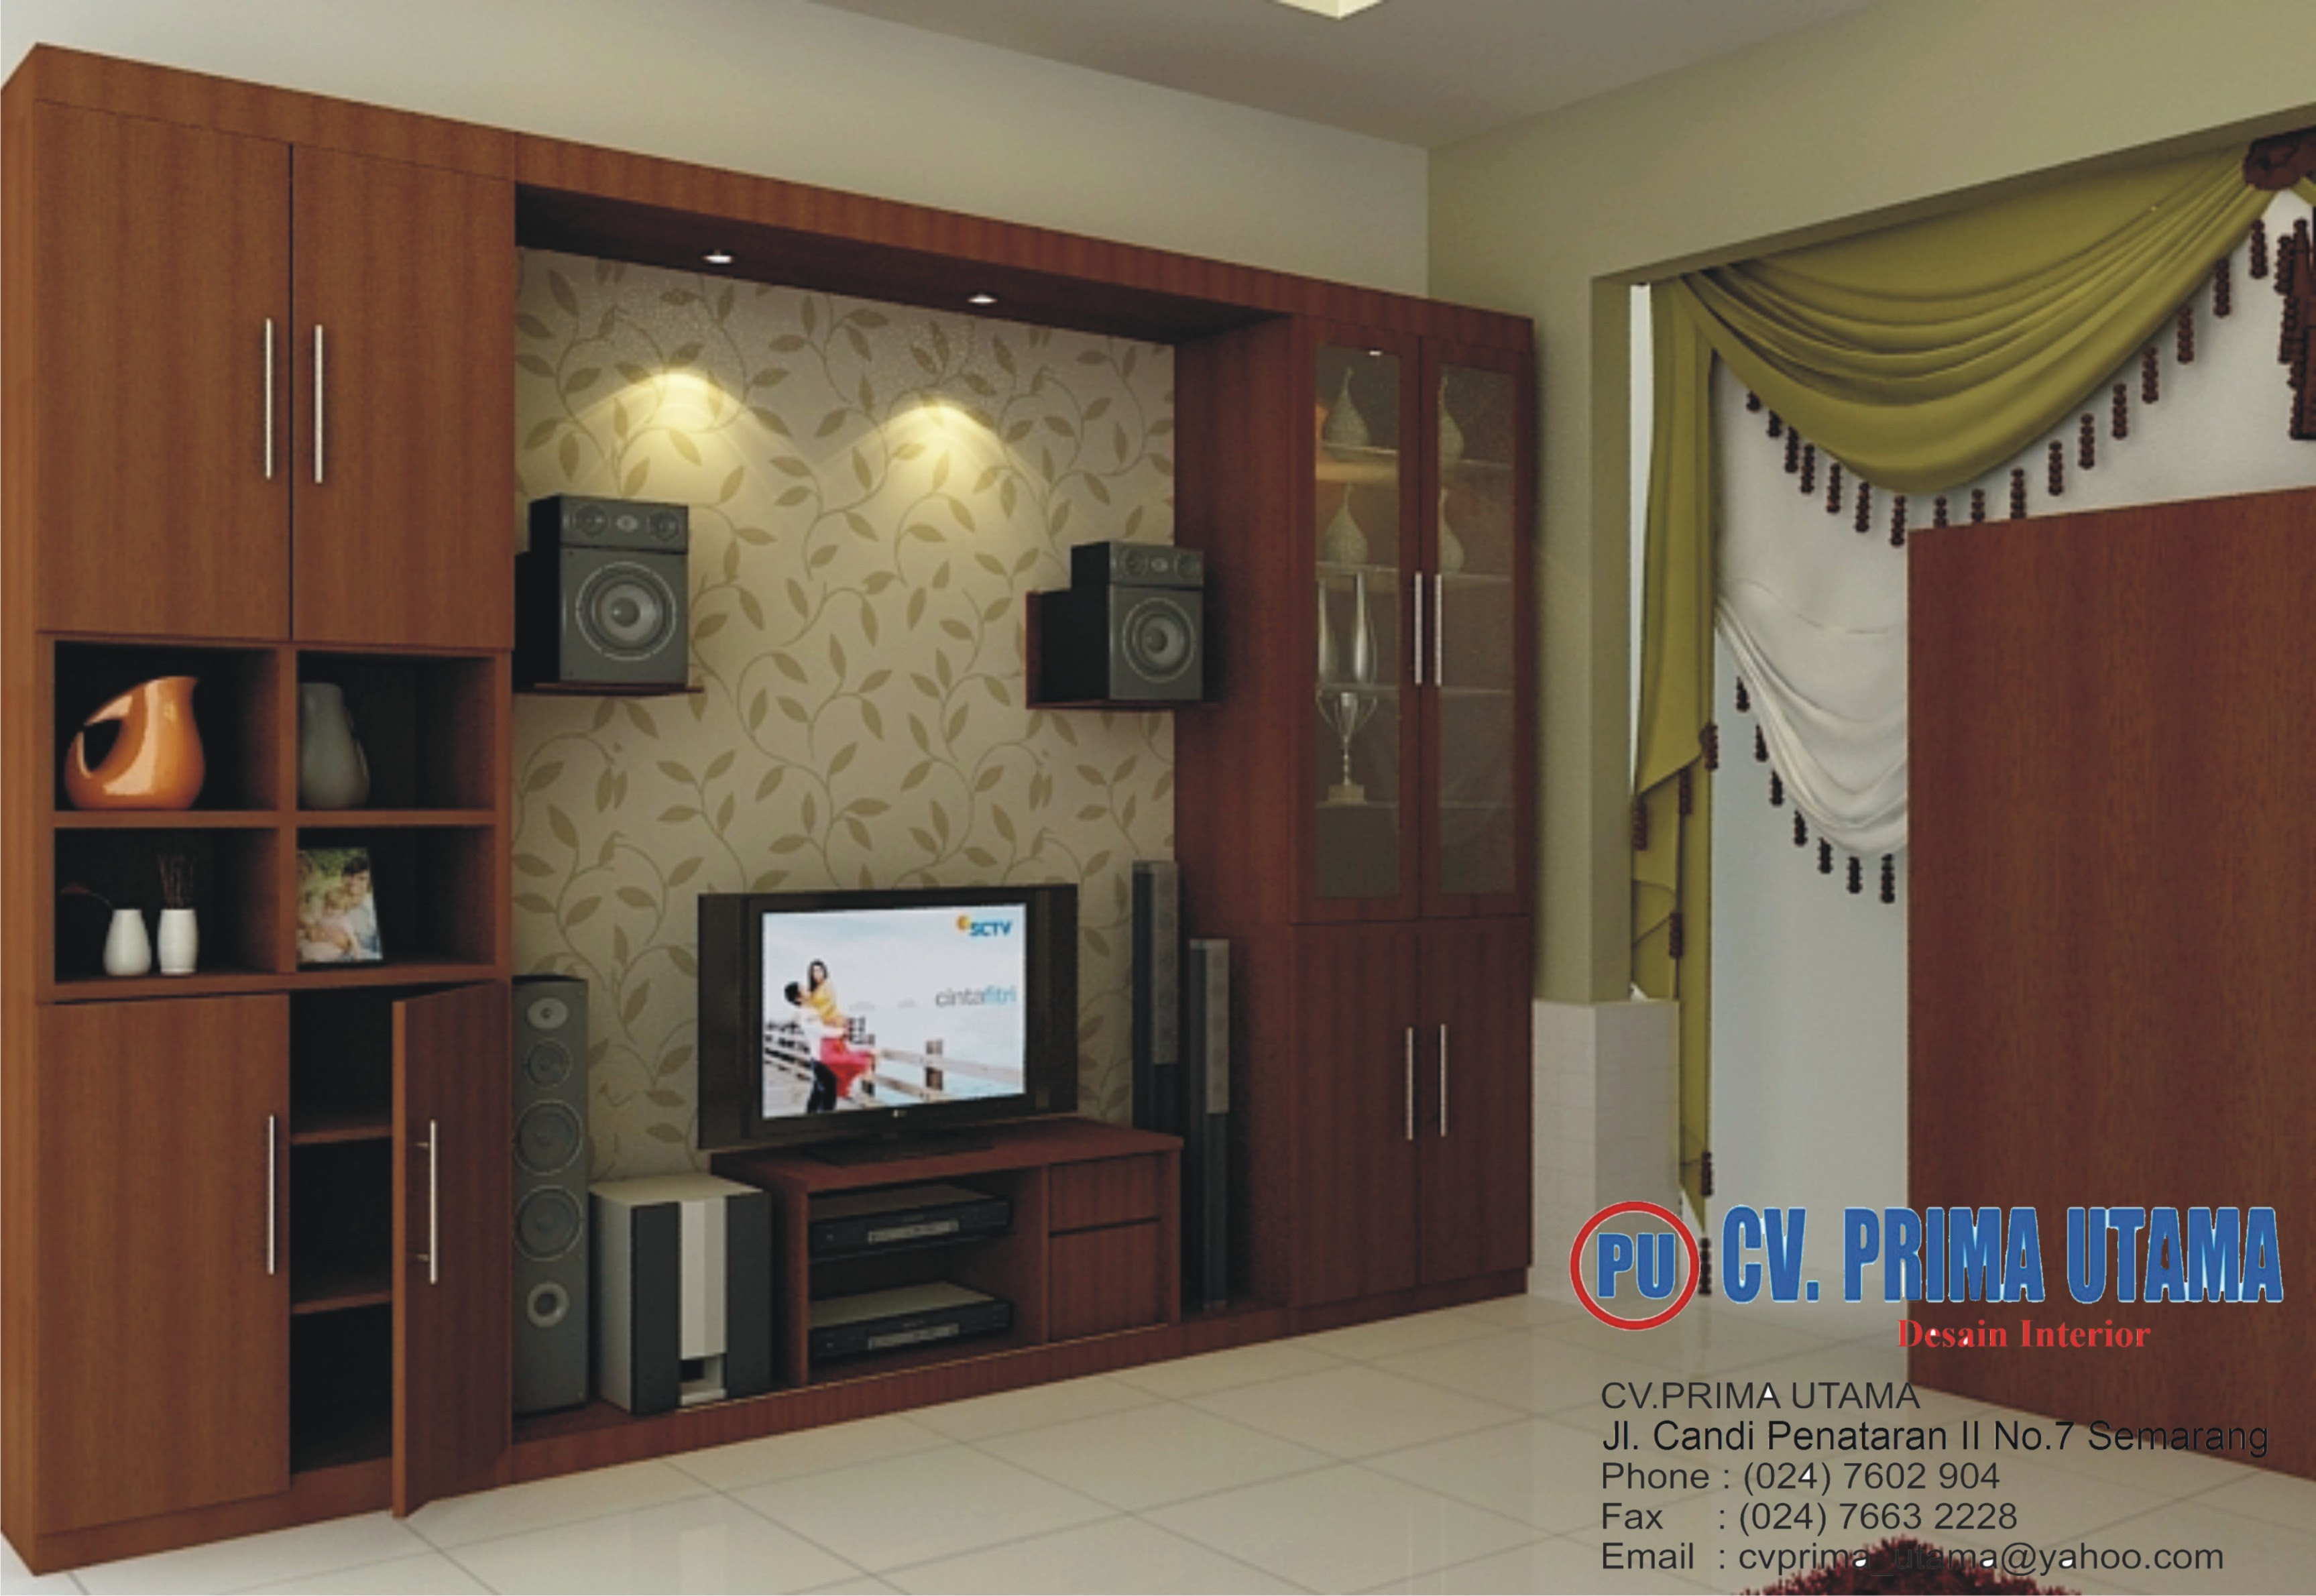 Jasa Desain Interior Rumah Di Semarang Jawa Tengah Cv Prima